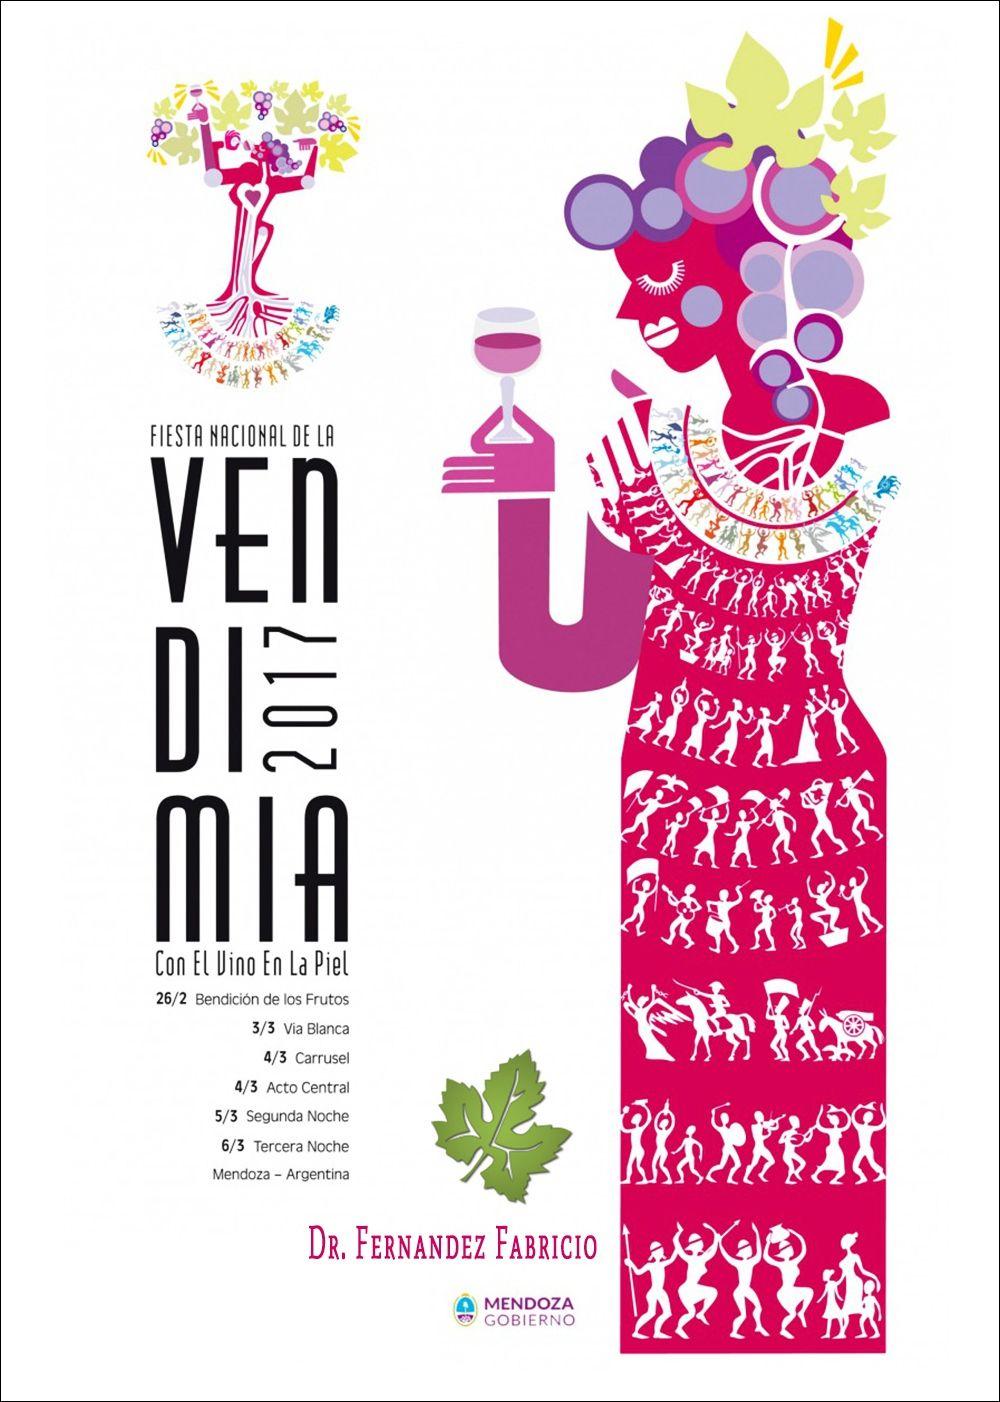 Afiches Vendimia 2017. Mendoza de fiesta y con el vino en la piel ...